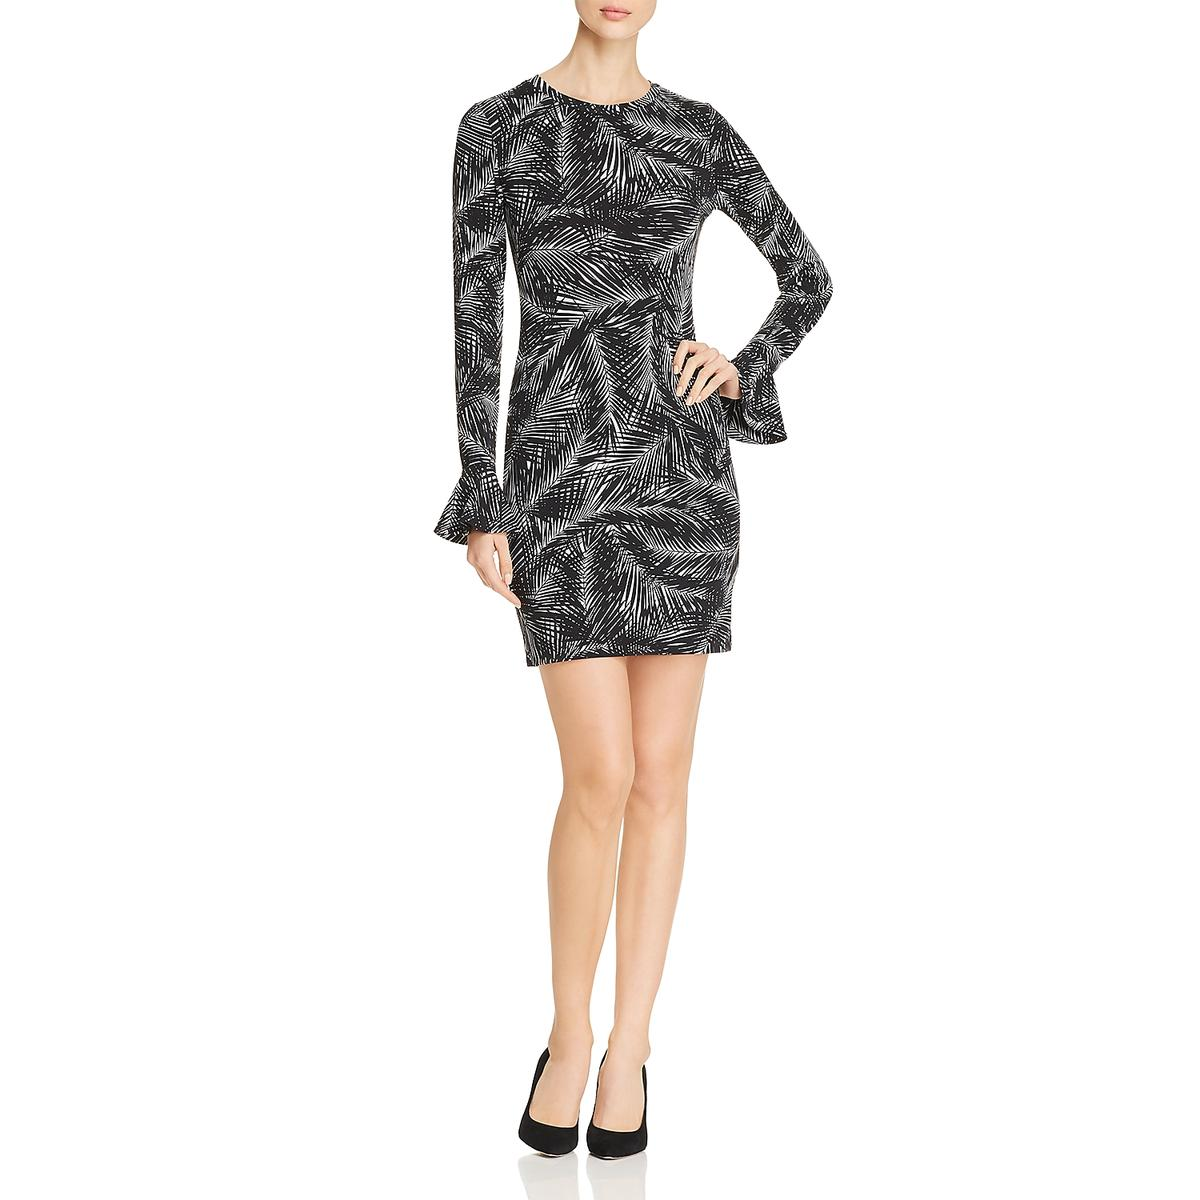 15a6d75cd4 Michael Kors Women s Black White Jersey Evening Bell Sleeves Dress ...